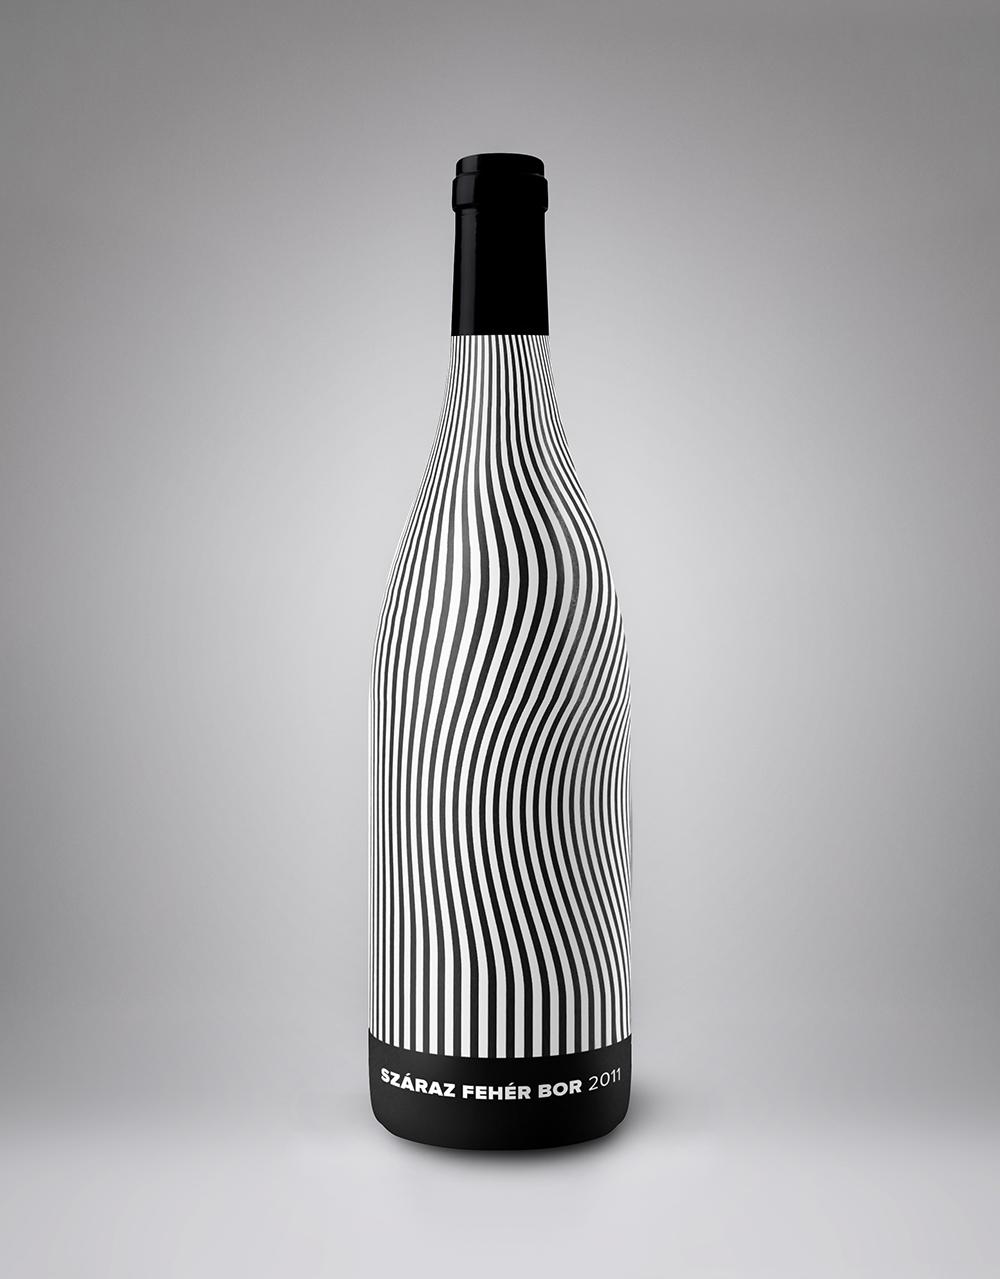 Hrsz. 737 Wine Label Concept